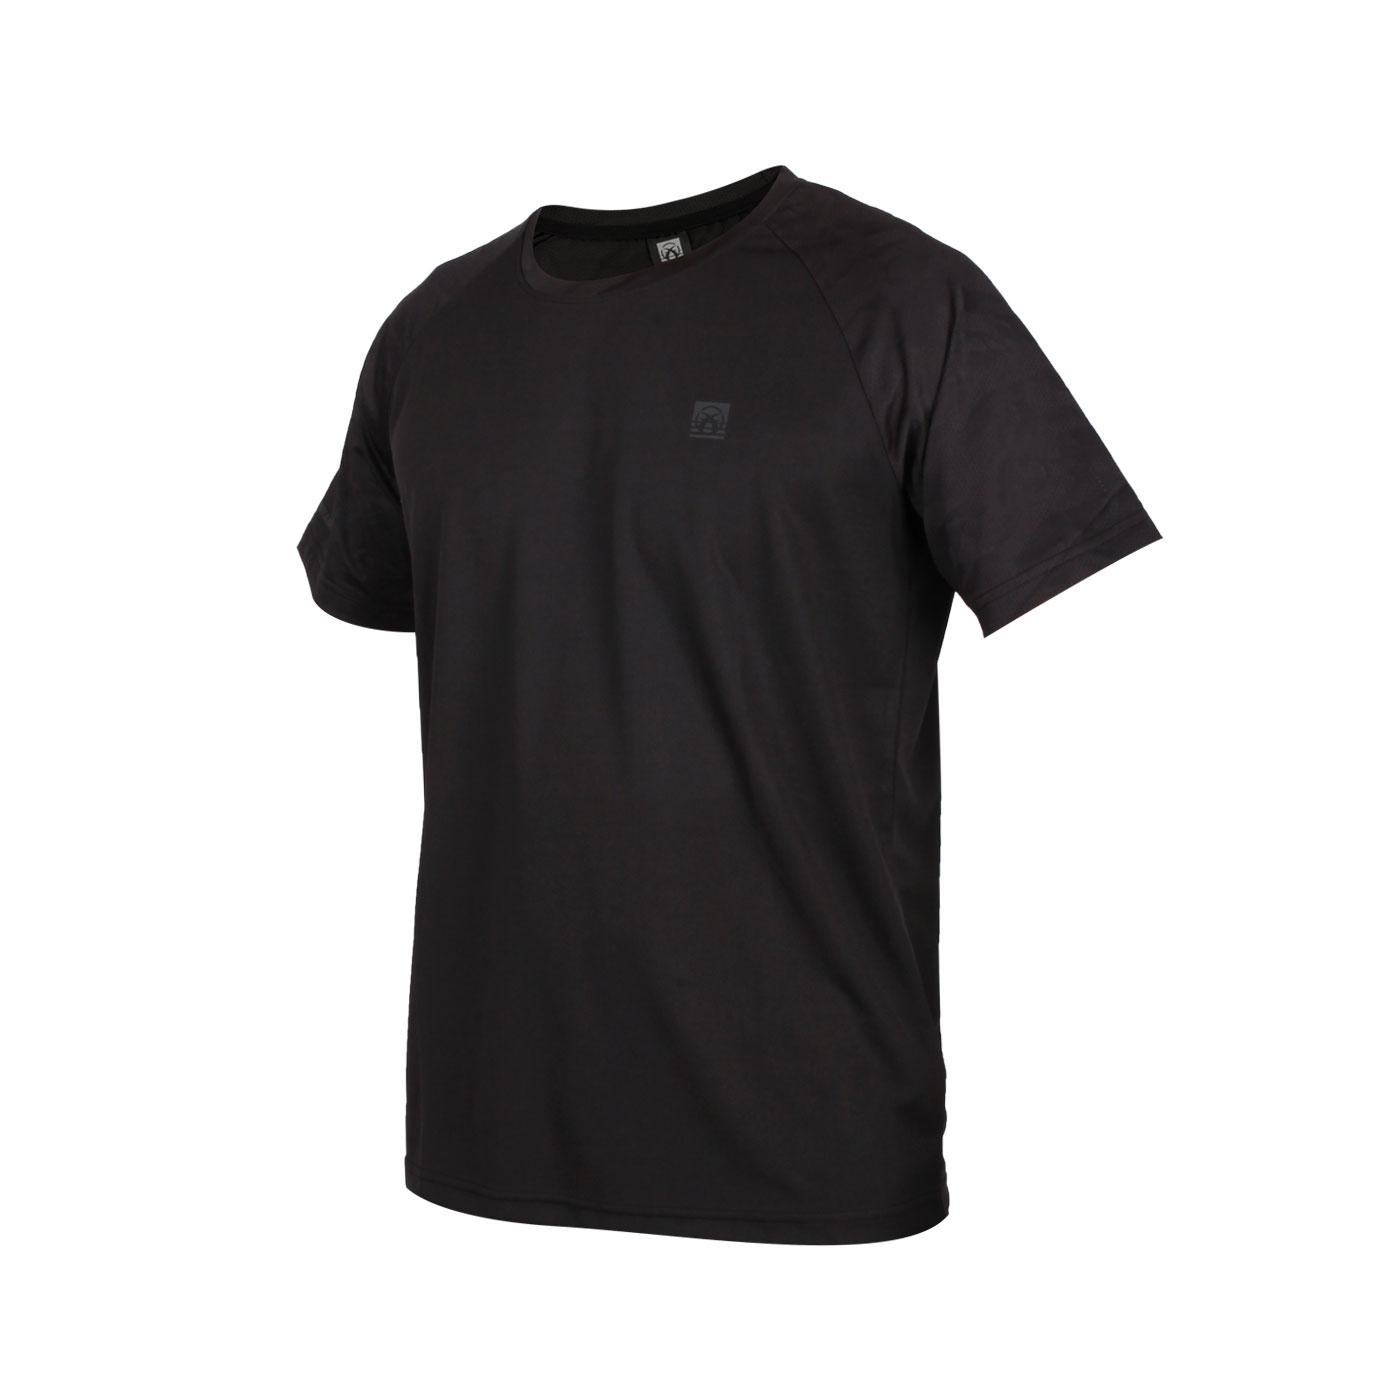 FIRESTAR 男款吸濕排汗剪接圓領短袖T恤 D0533-10 - 黑